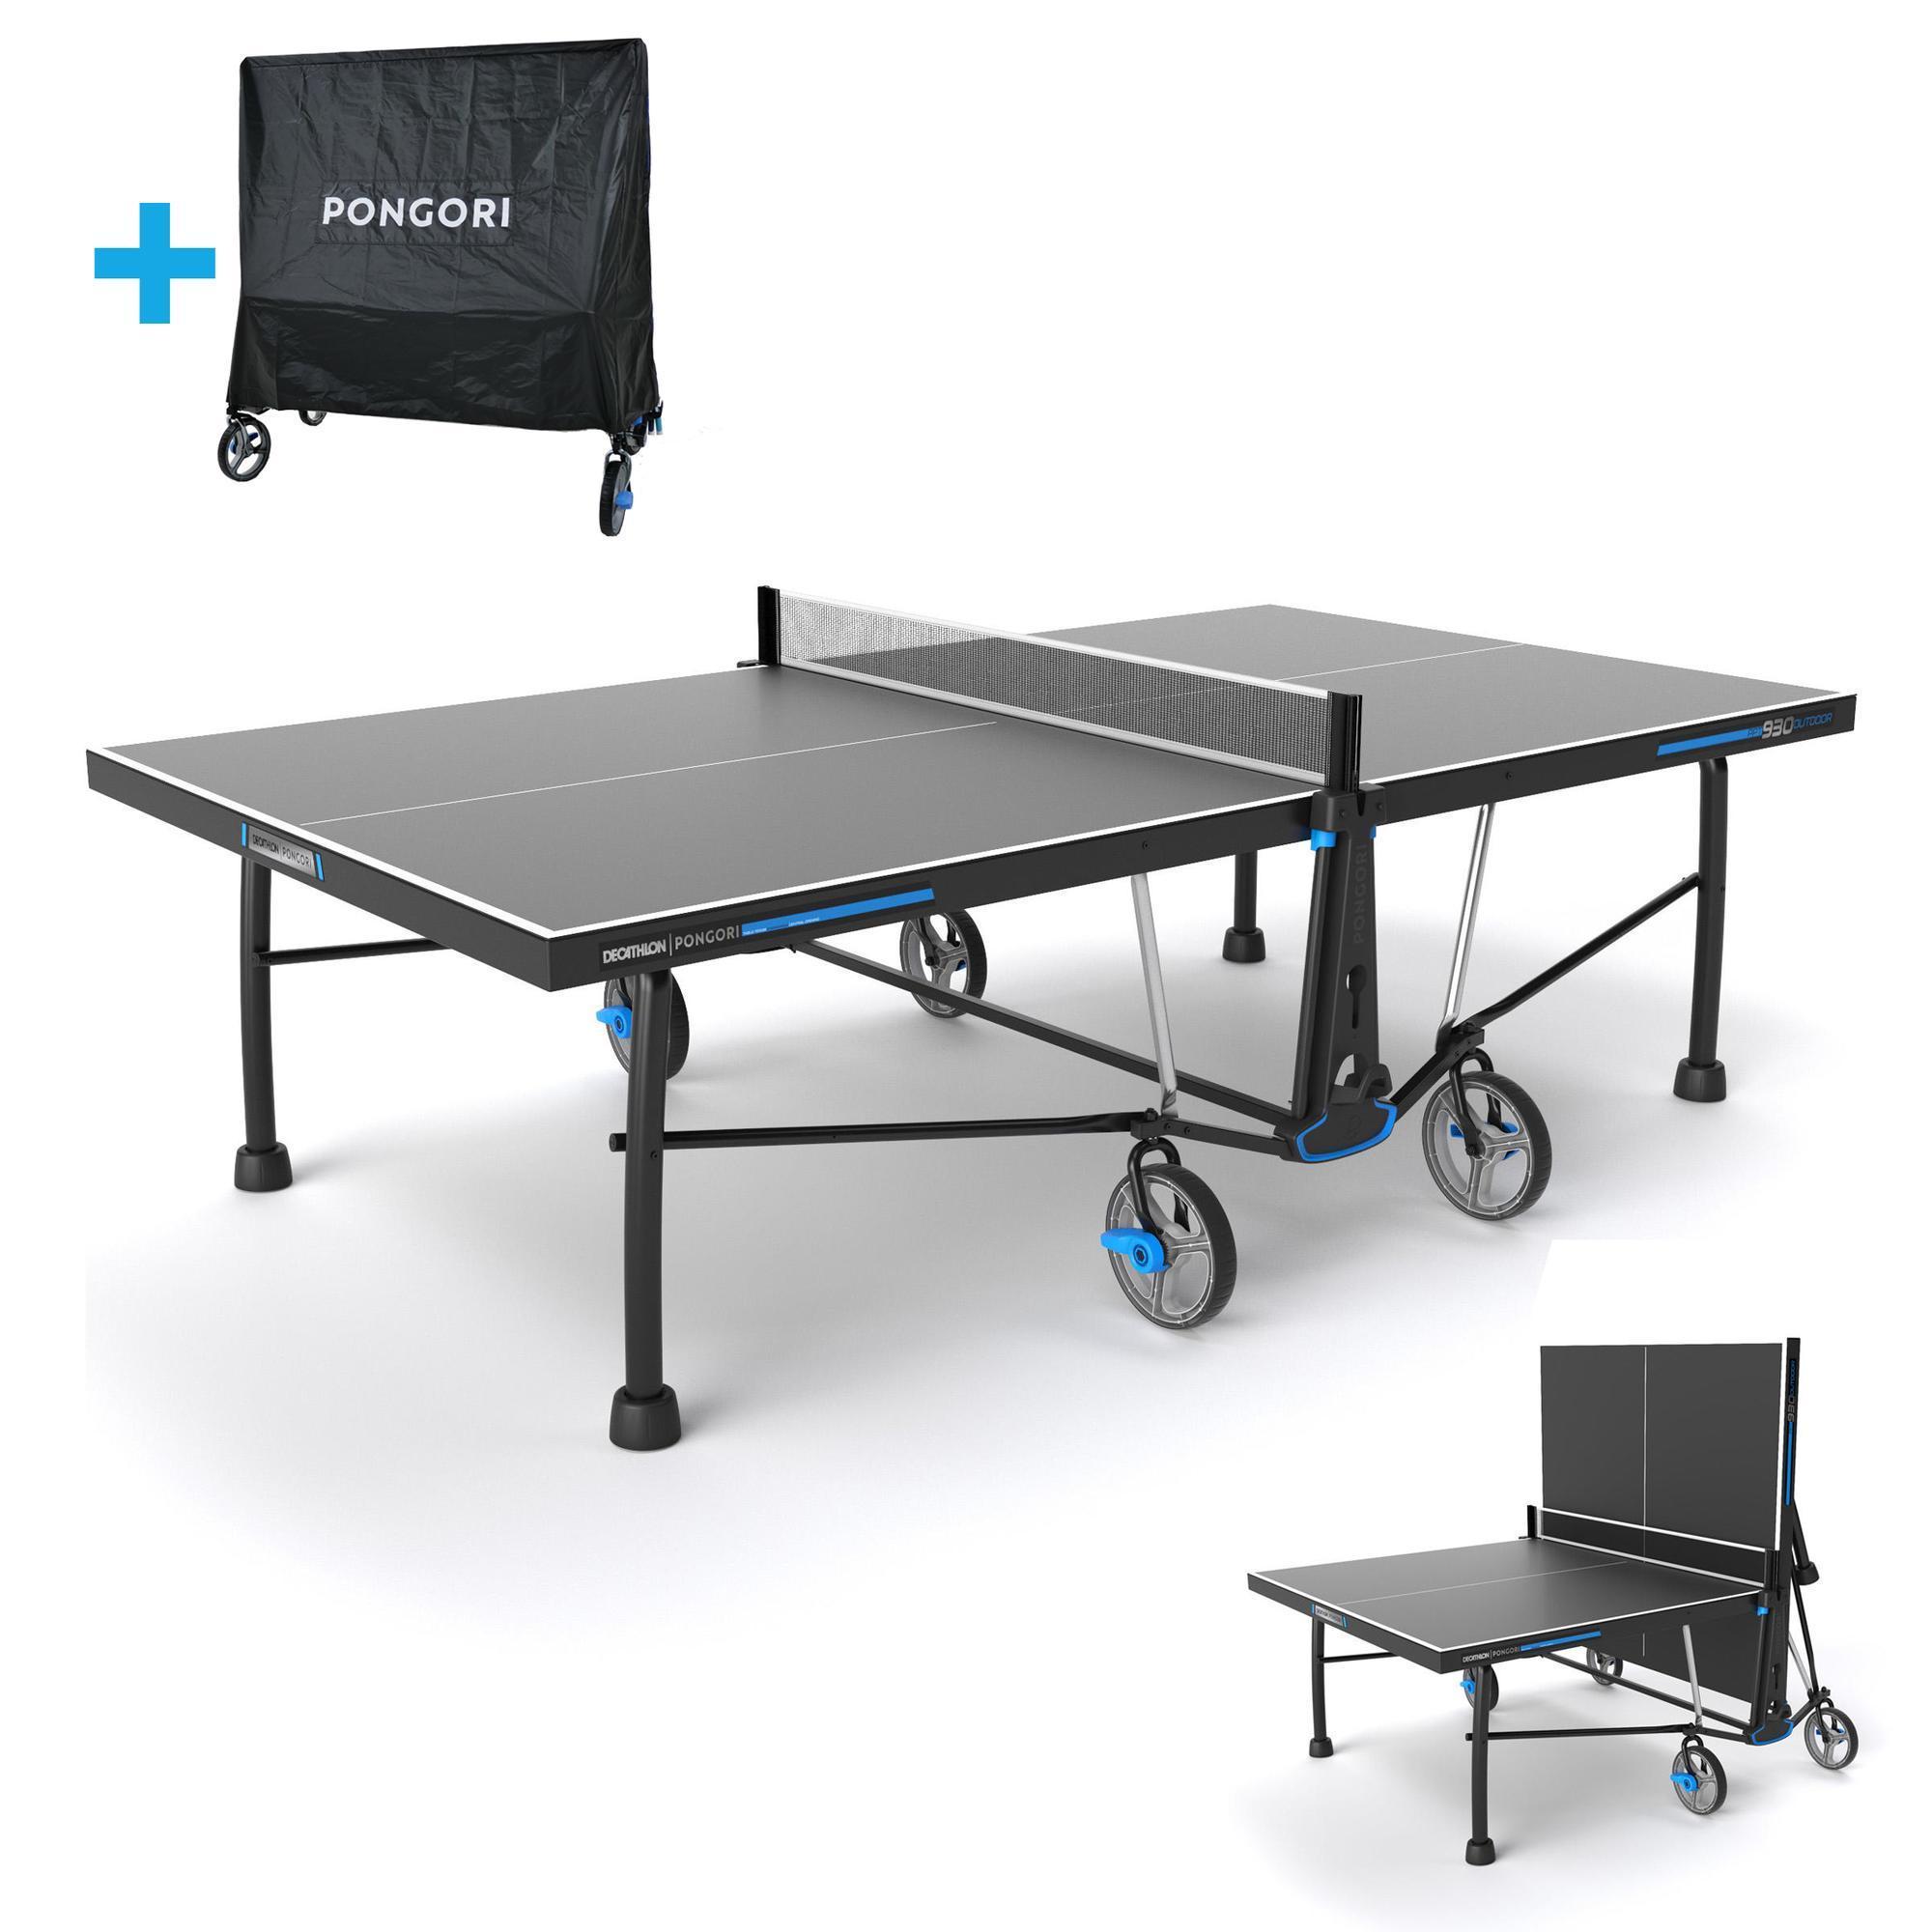 Pongori Tafeltennistafel / pingpongtafel outdoor PPT 930 grijs met gratis beschermhoes